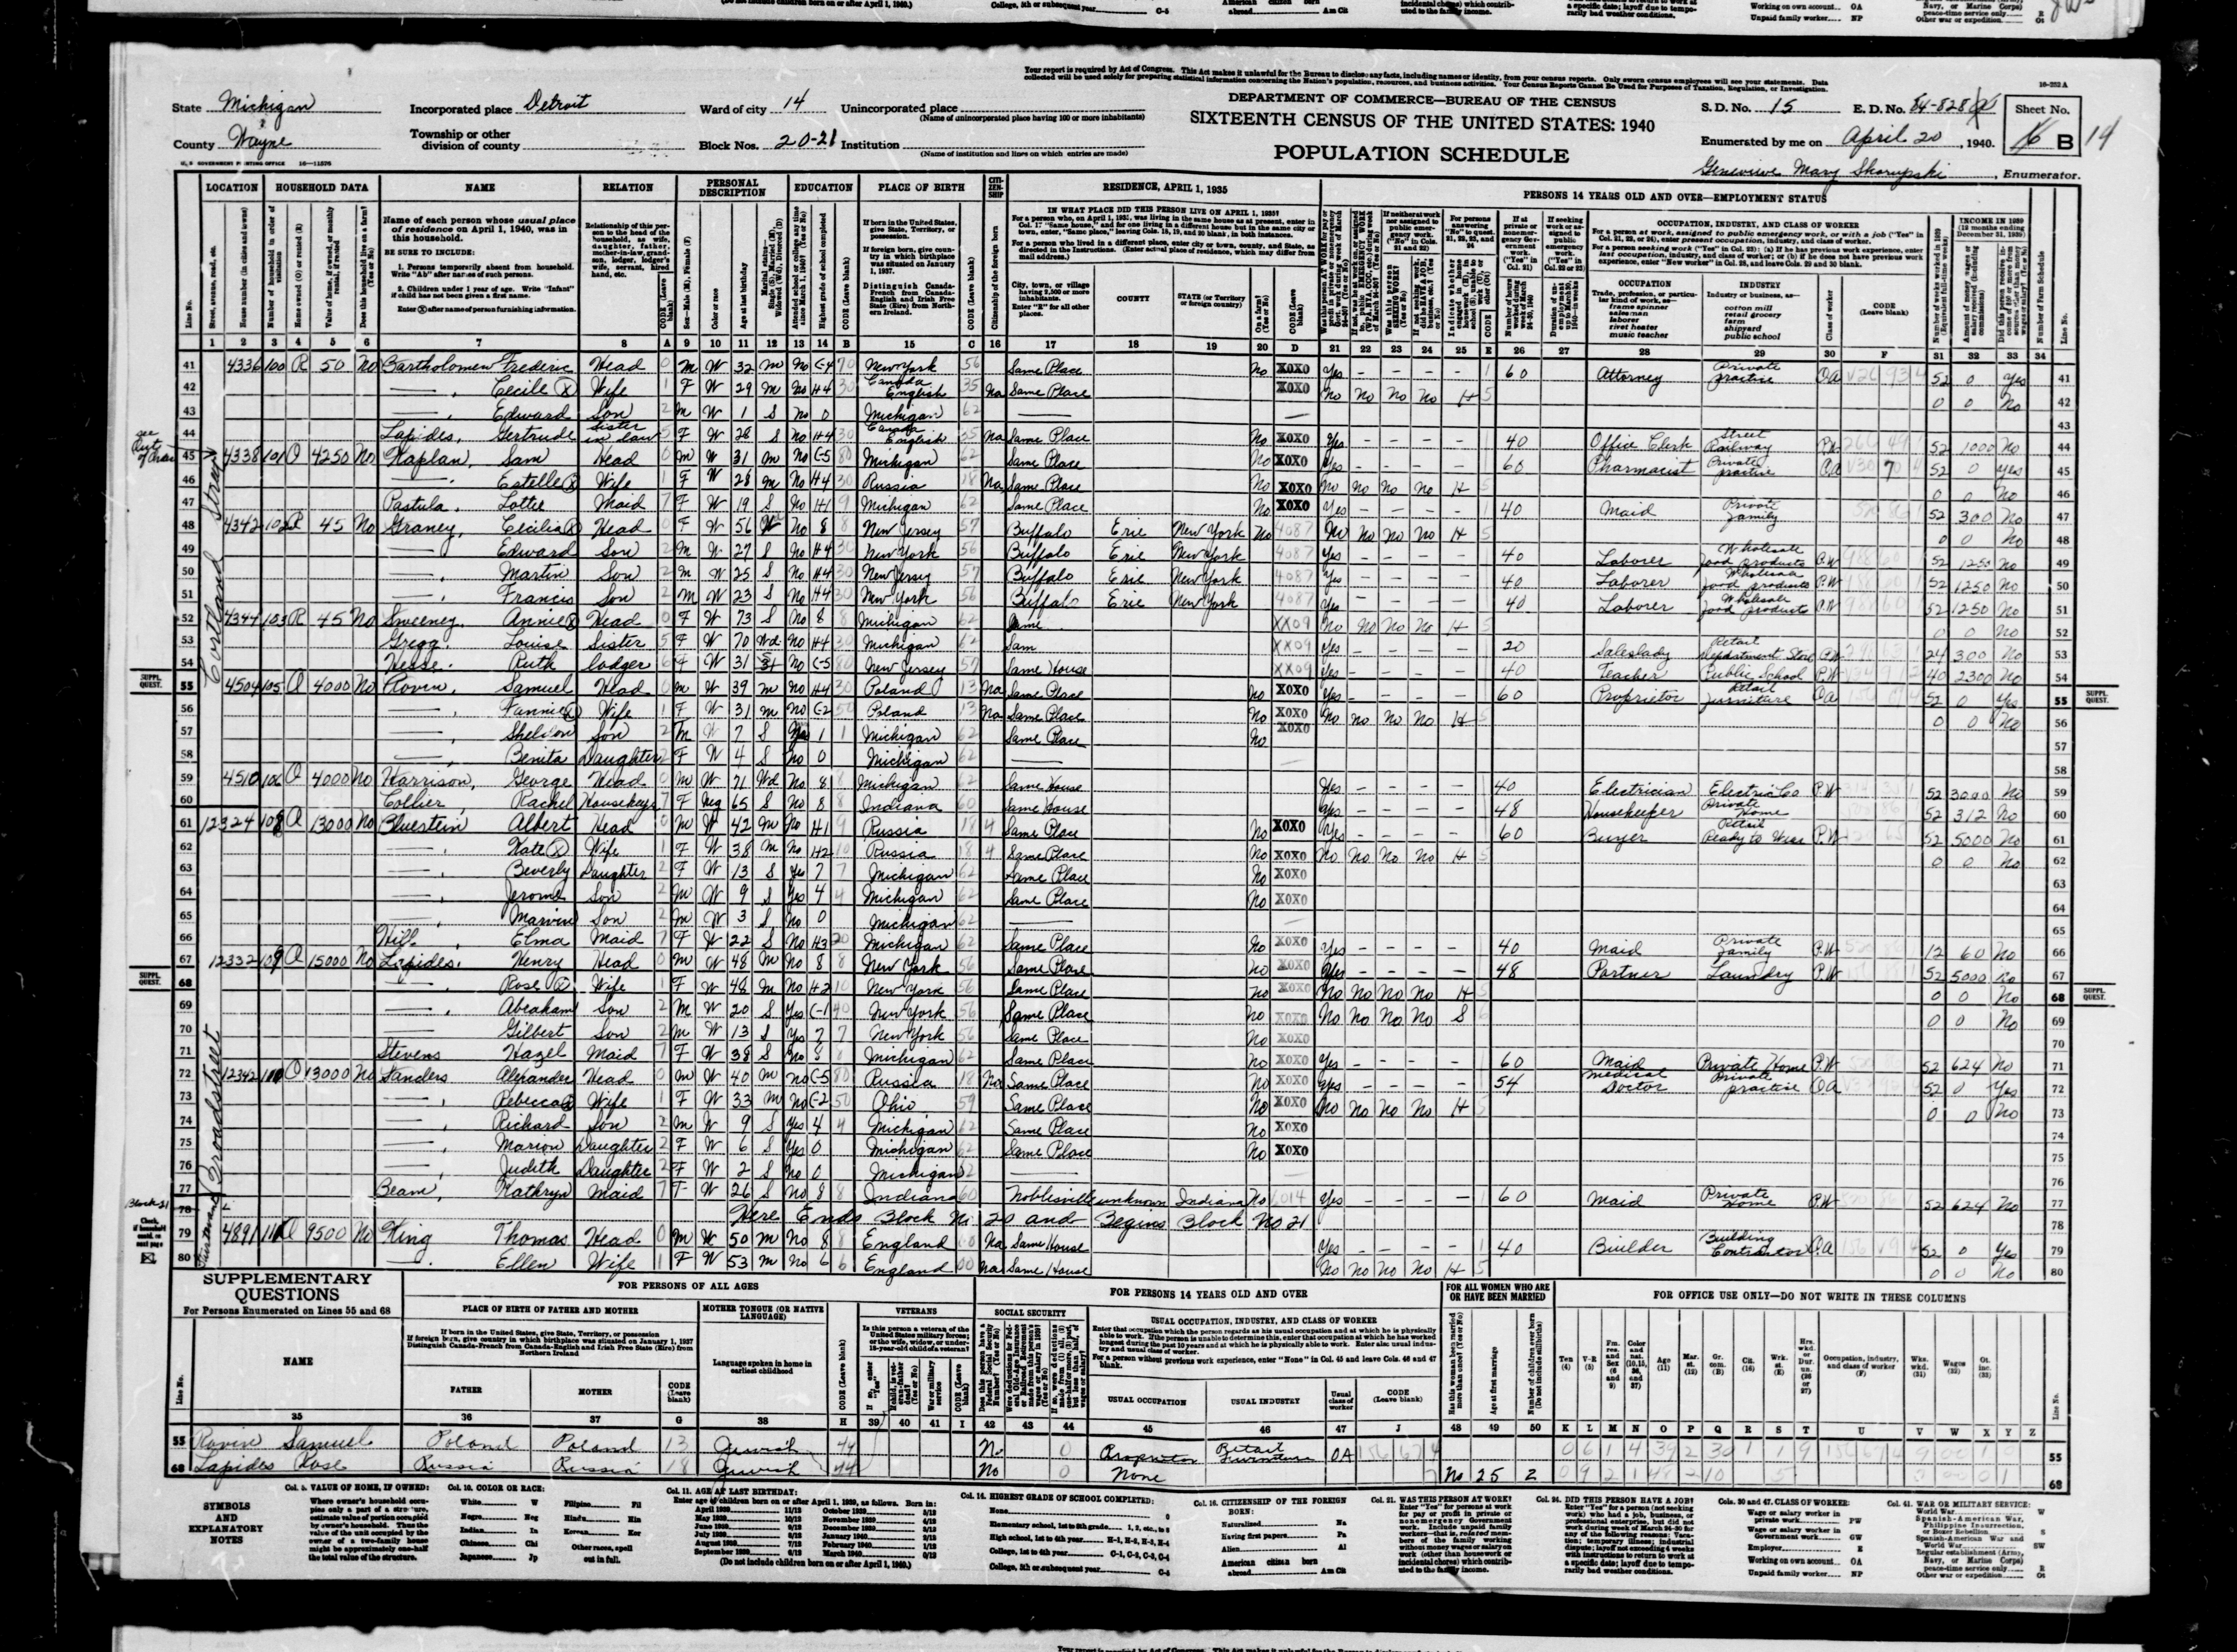 Федеральная перепись США 1940 года - Rebecca Sanders